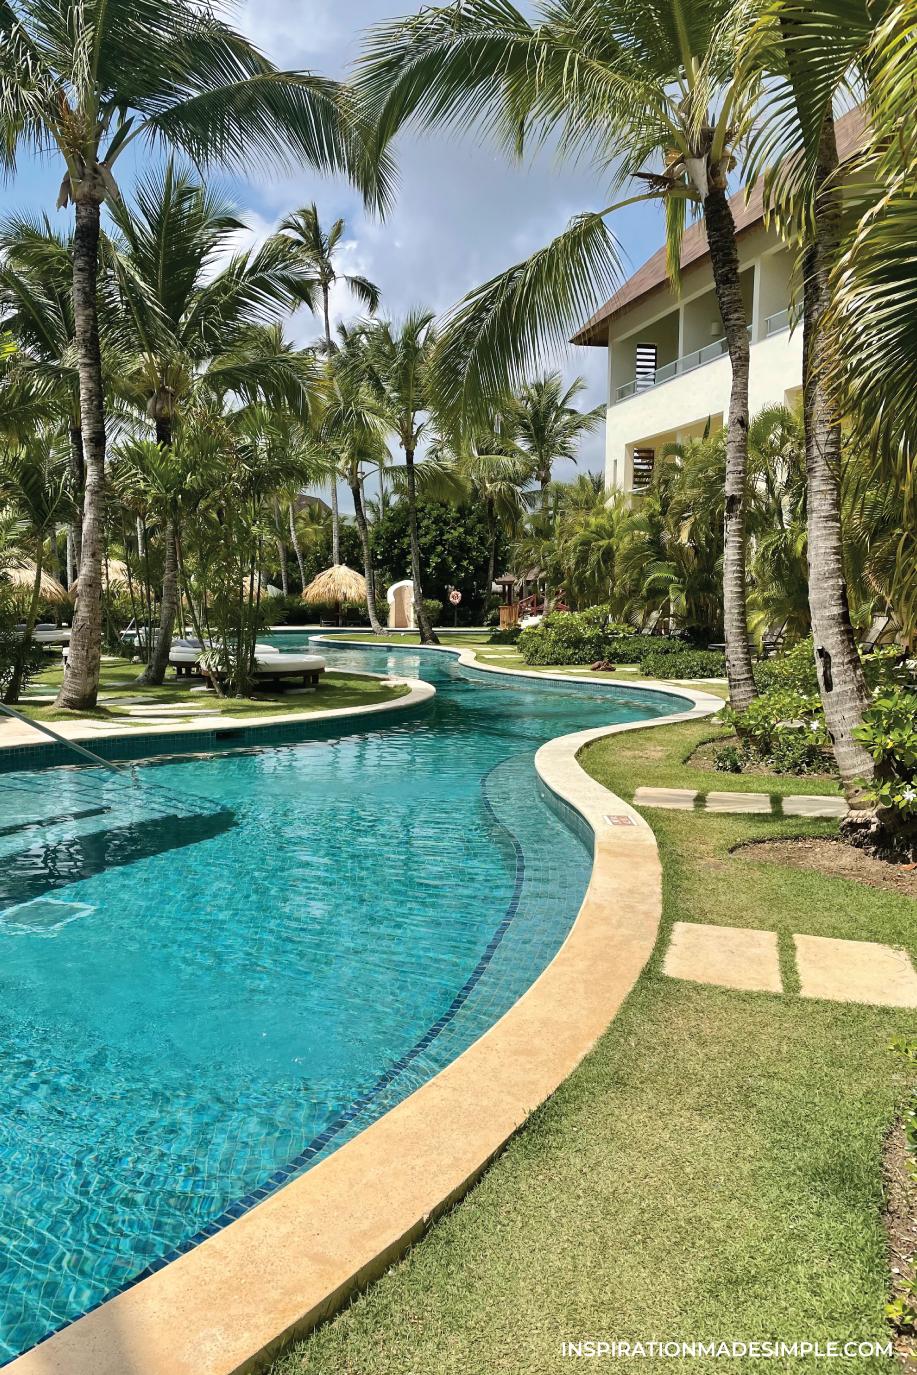 Preferred Pool at Dreams Royal Beach Punta Cana